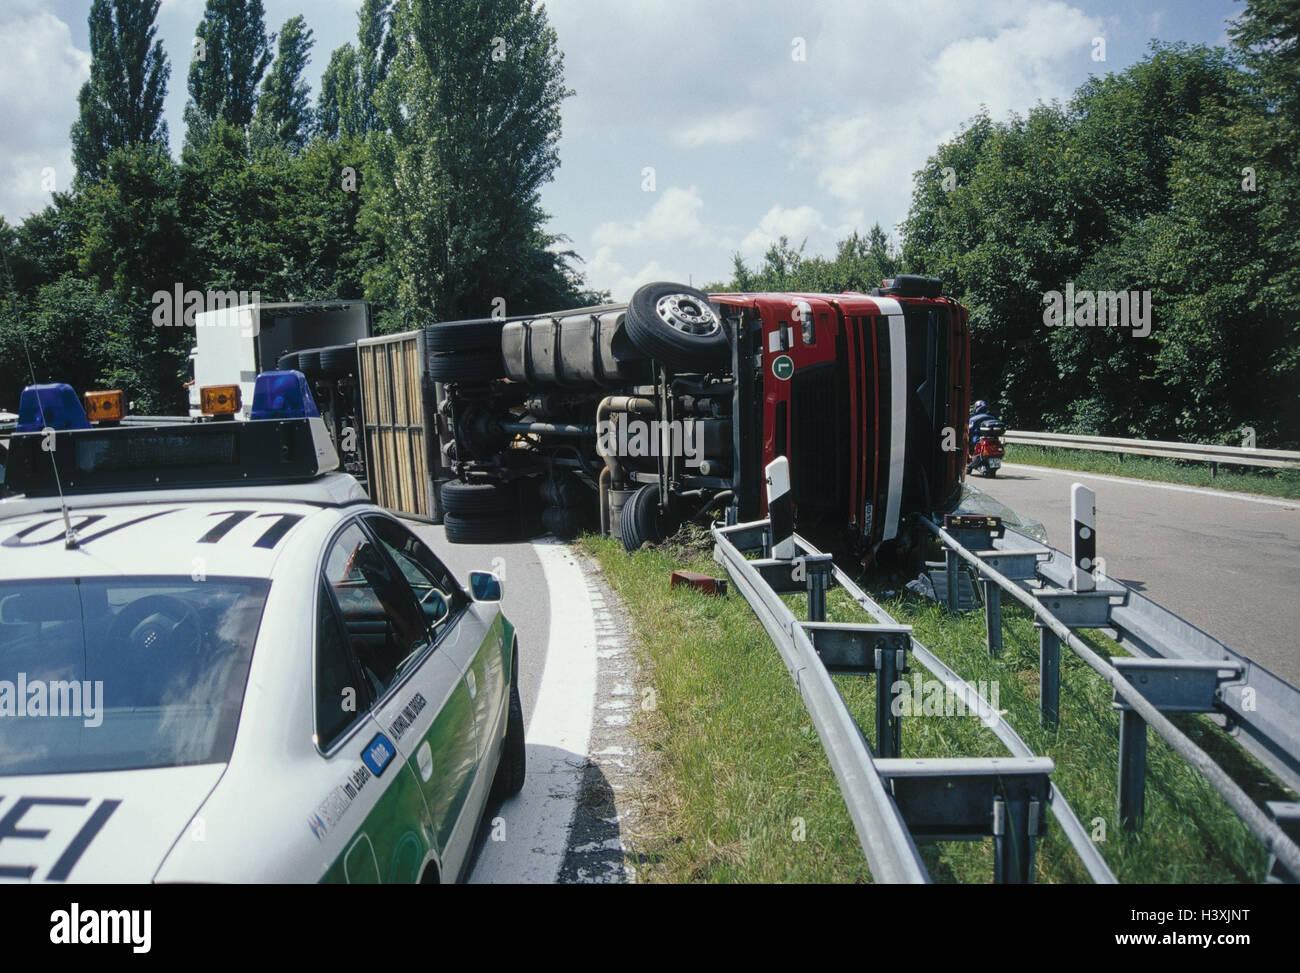 Schön Unfall Szenen Ideen - Schaltplan Serie Circuit Collection ...